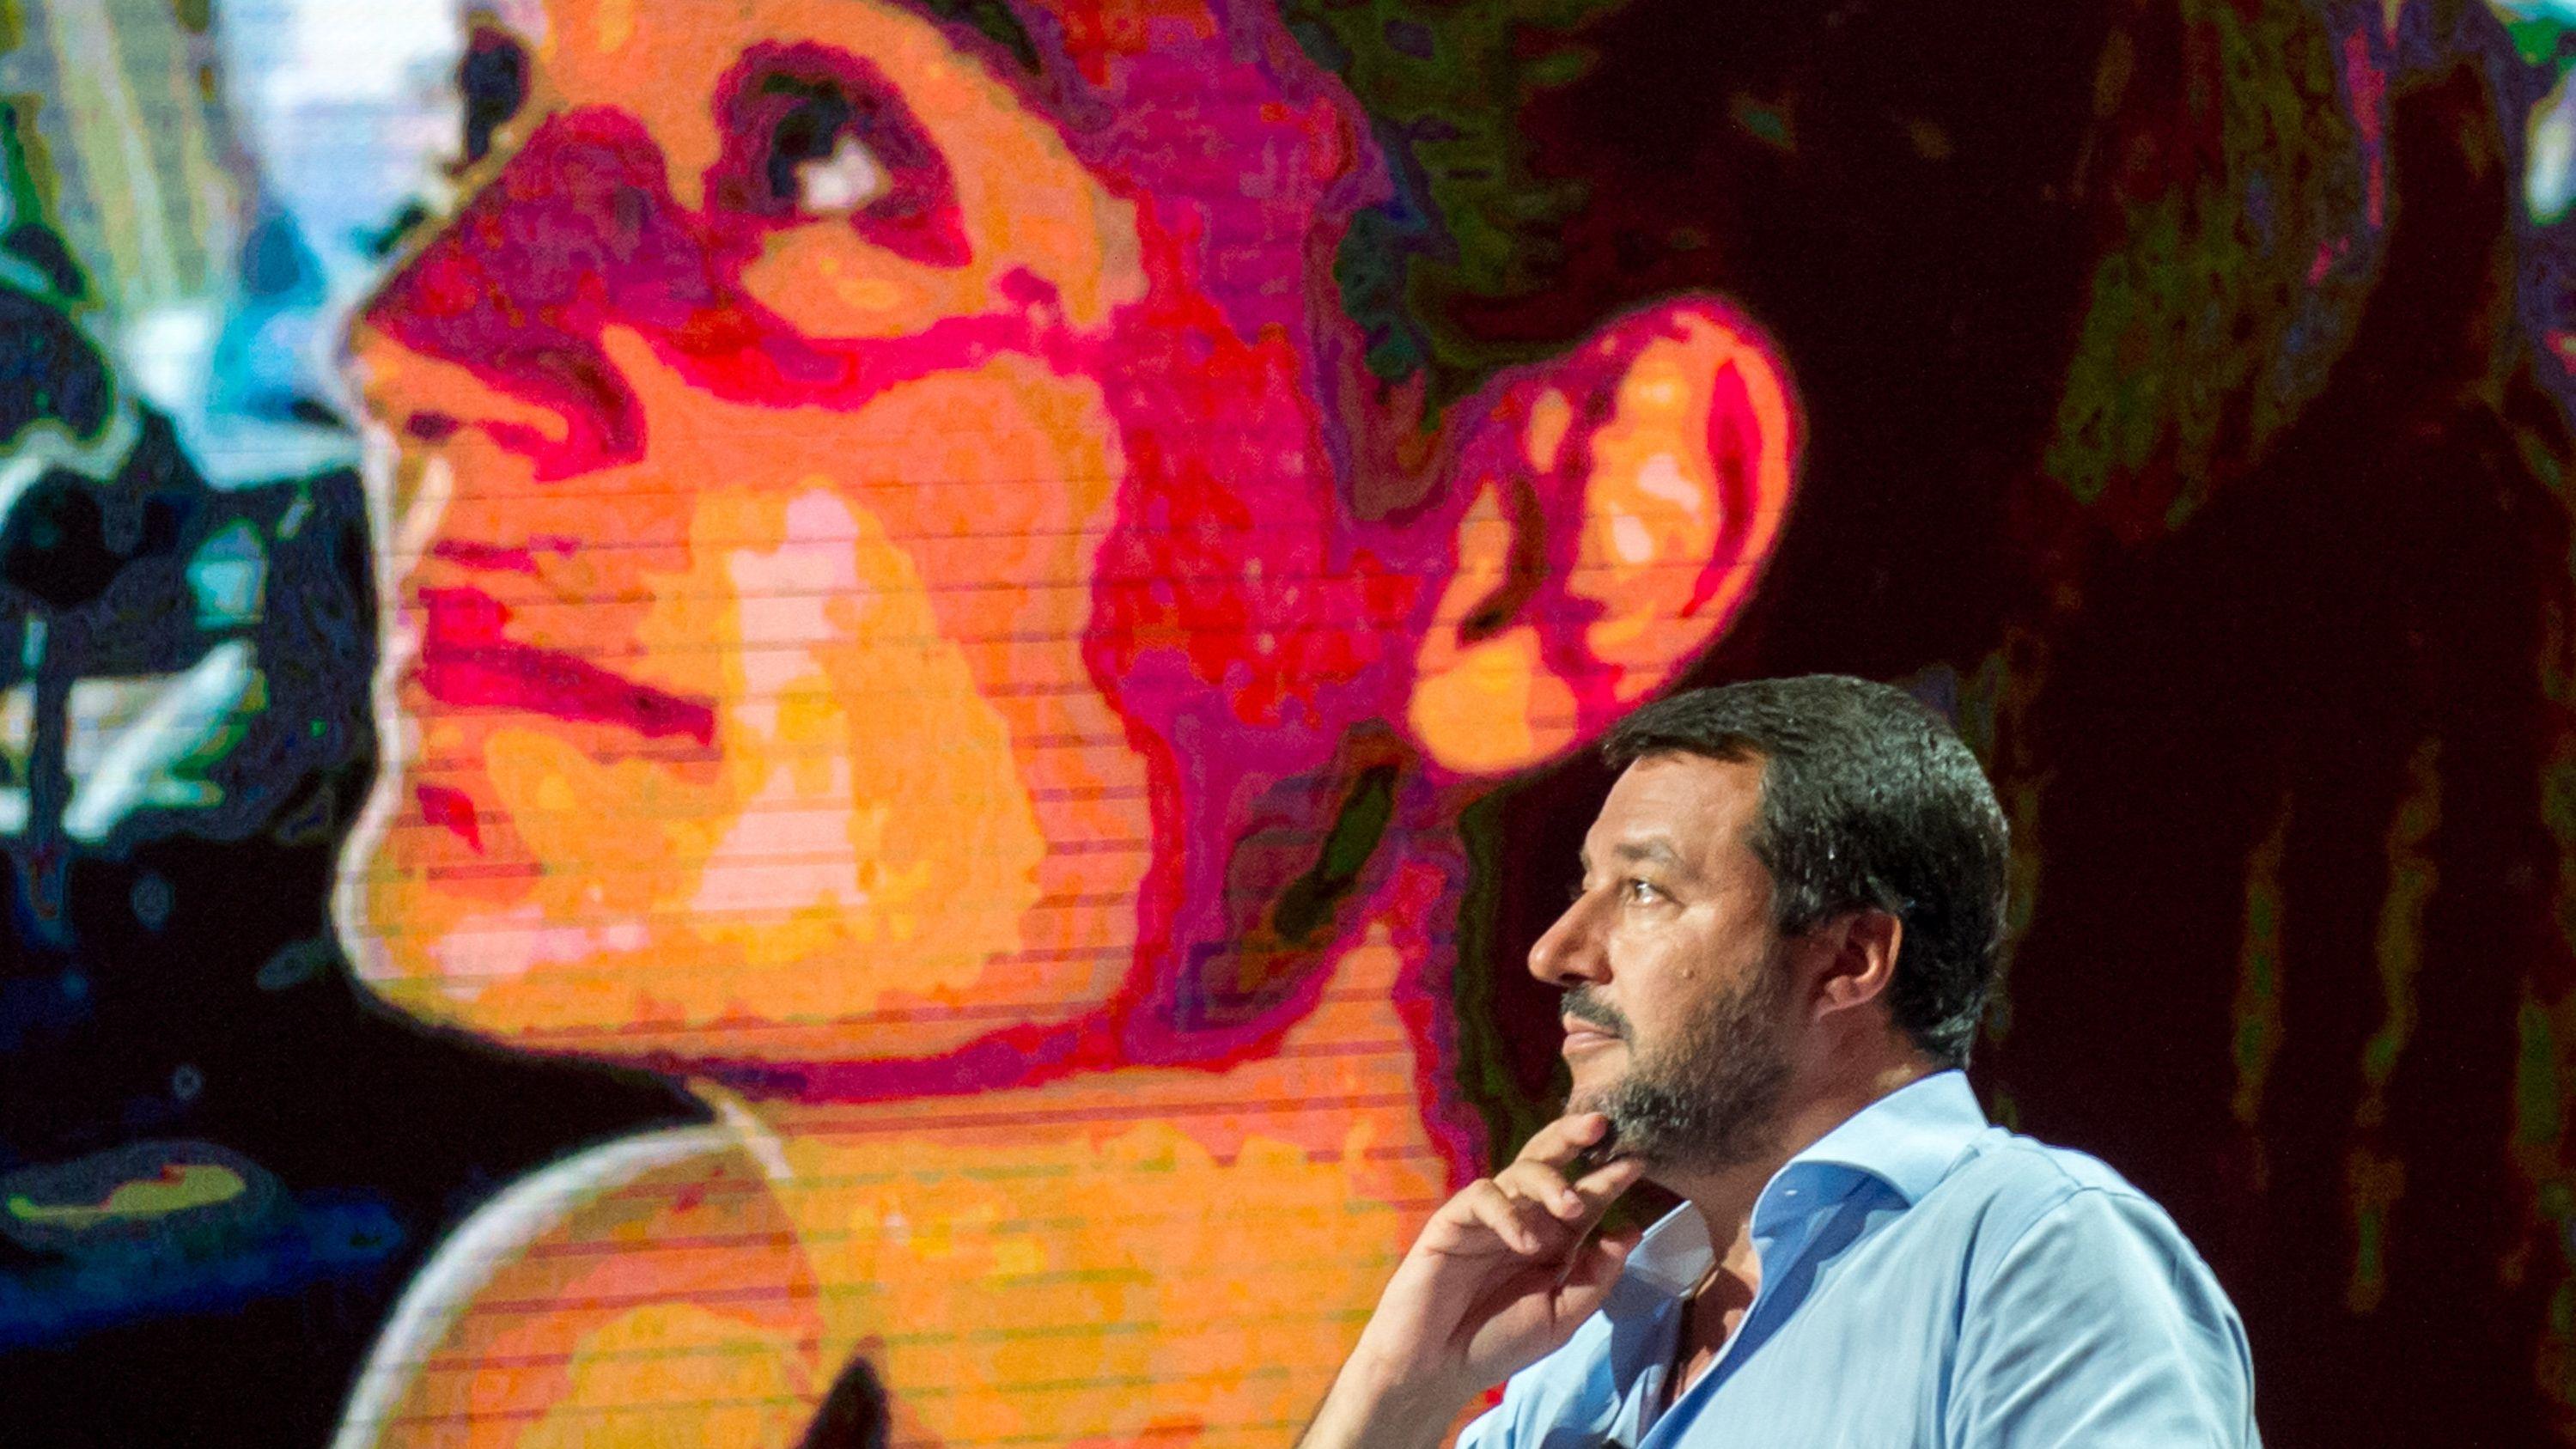 """Matteo Salvini, Innenminister von Italien, spricht während einer TV-Sendung. Auf der Monitorwand im Hintergrund ist die Kapitänin Carola Rackete des Rettungsschiffs """"Sea Watch 3"""" eingeblendet"""